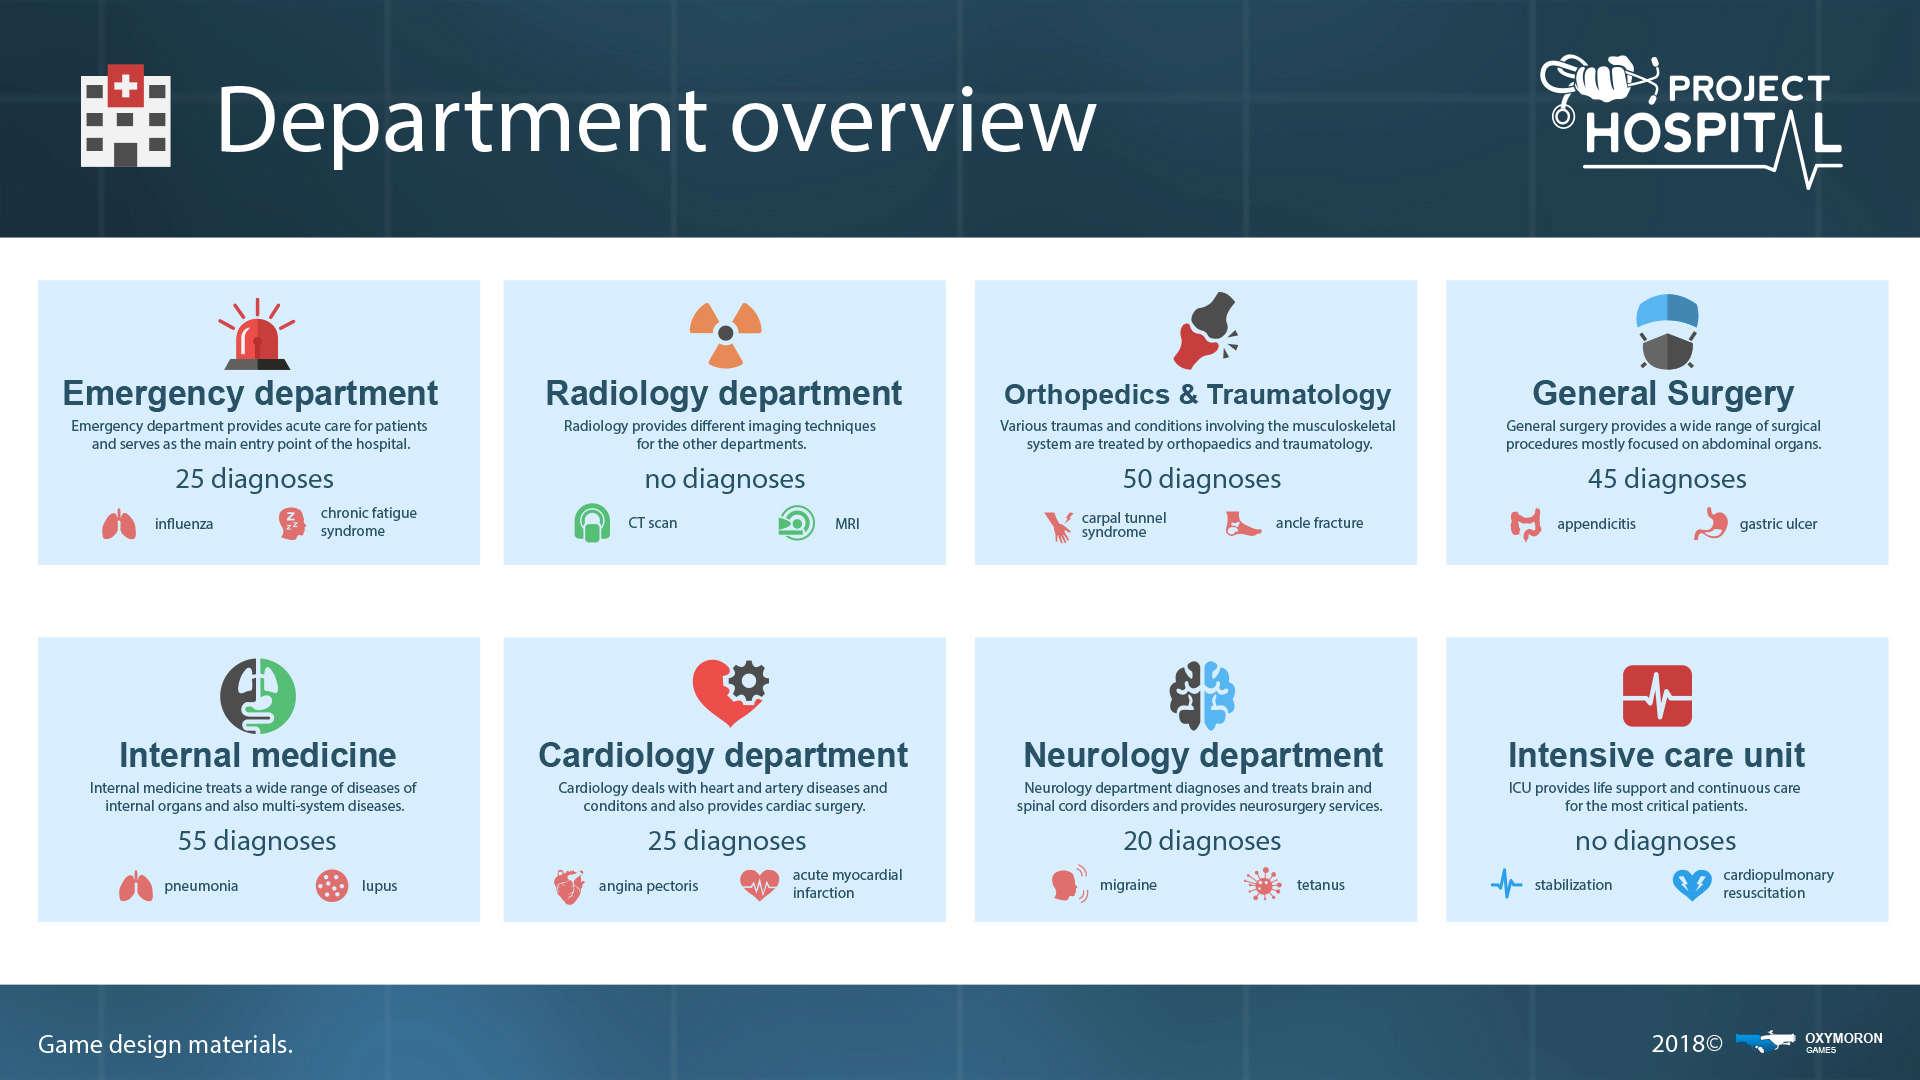 2018_03_22 - Infographics: Department Overview Depart10